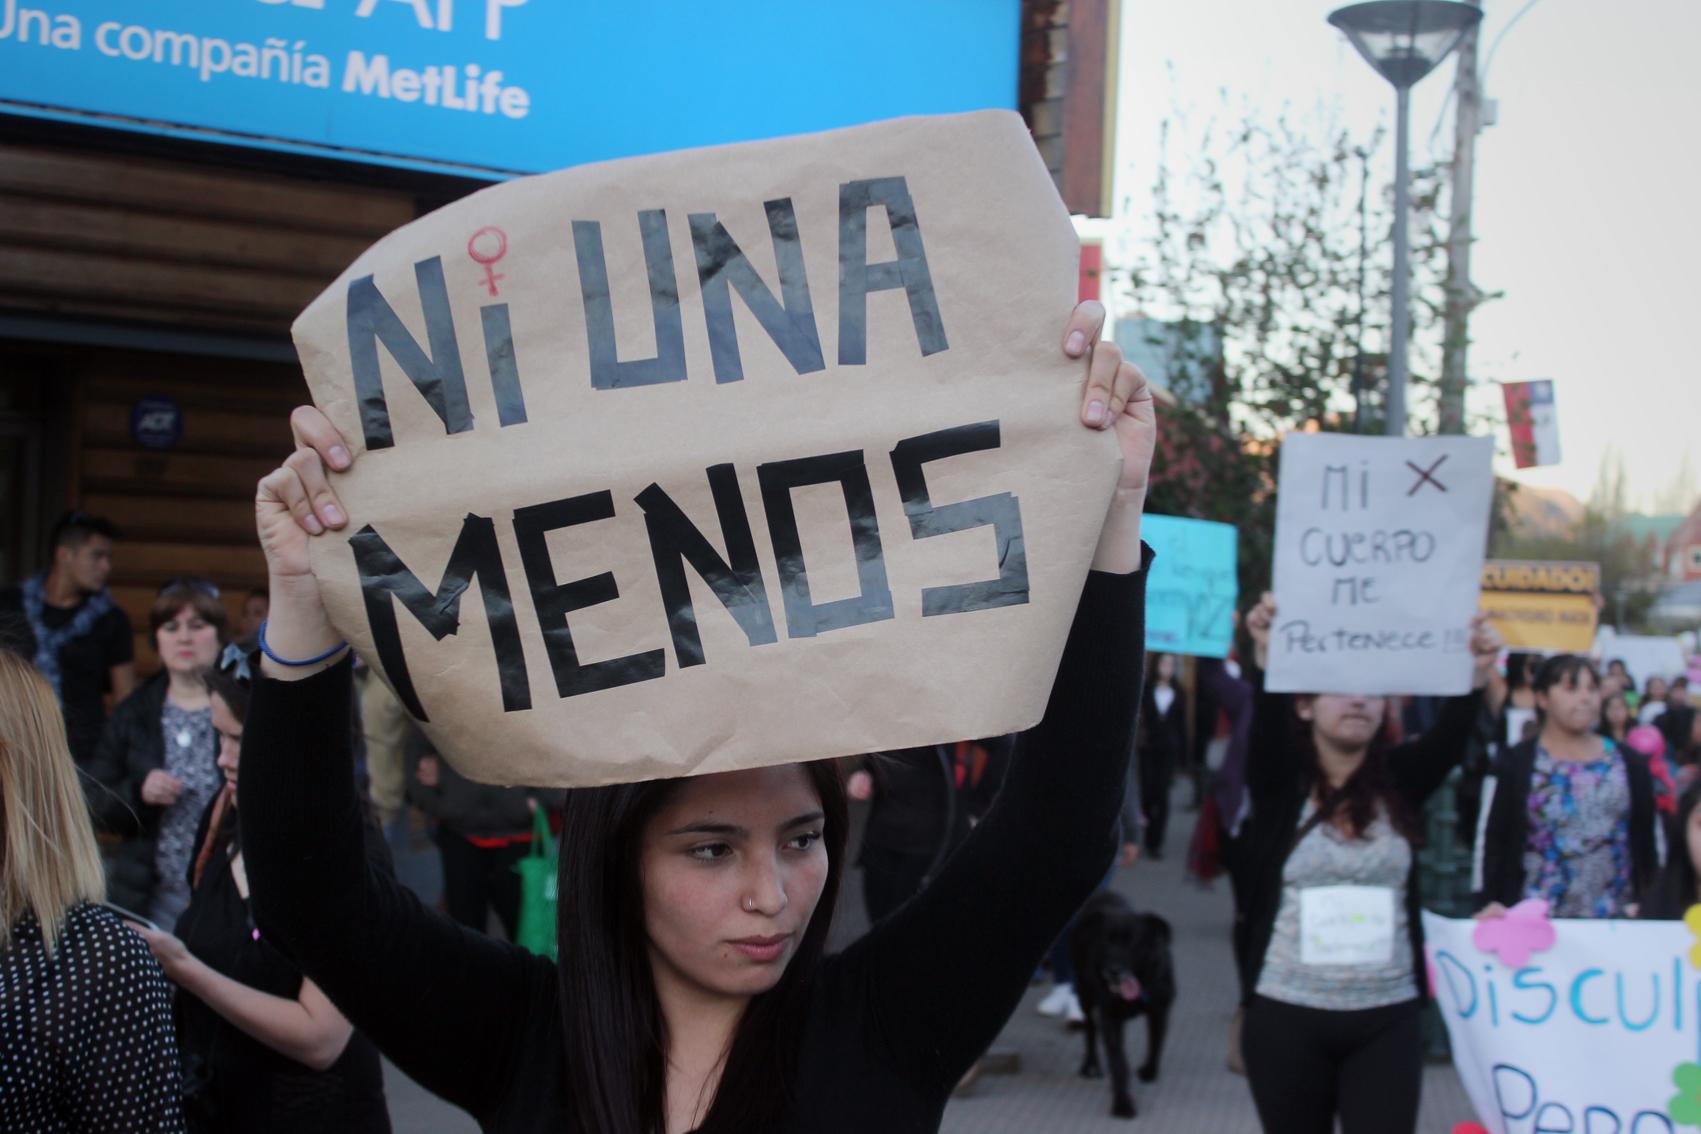 Feministas convocan marcha contra violencia y femicidios